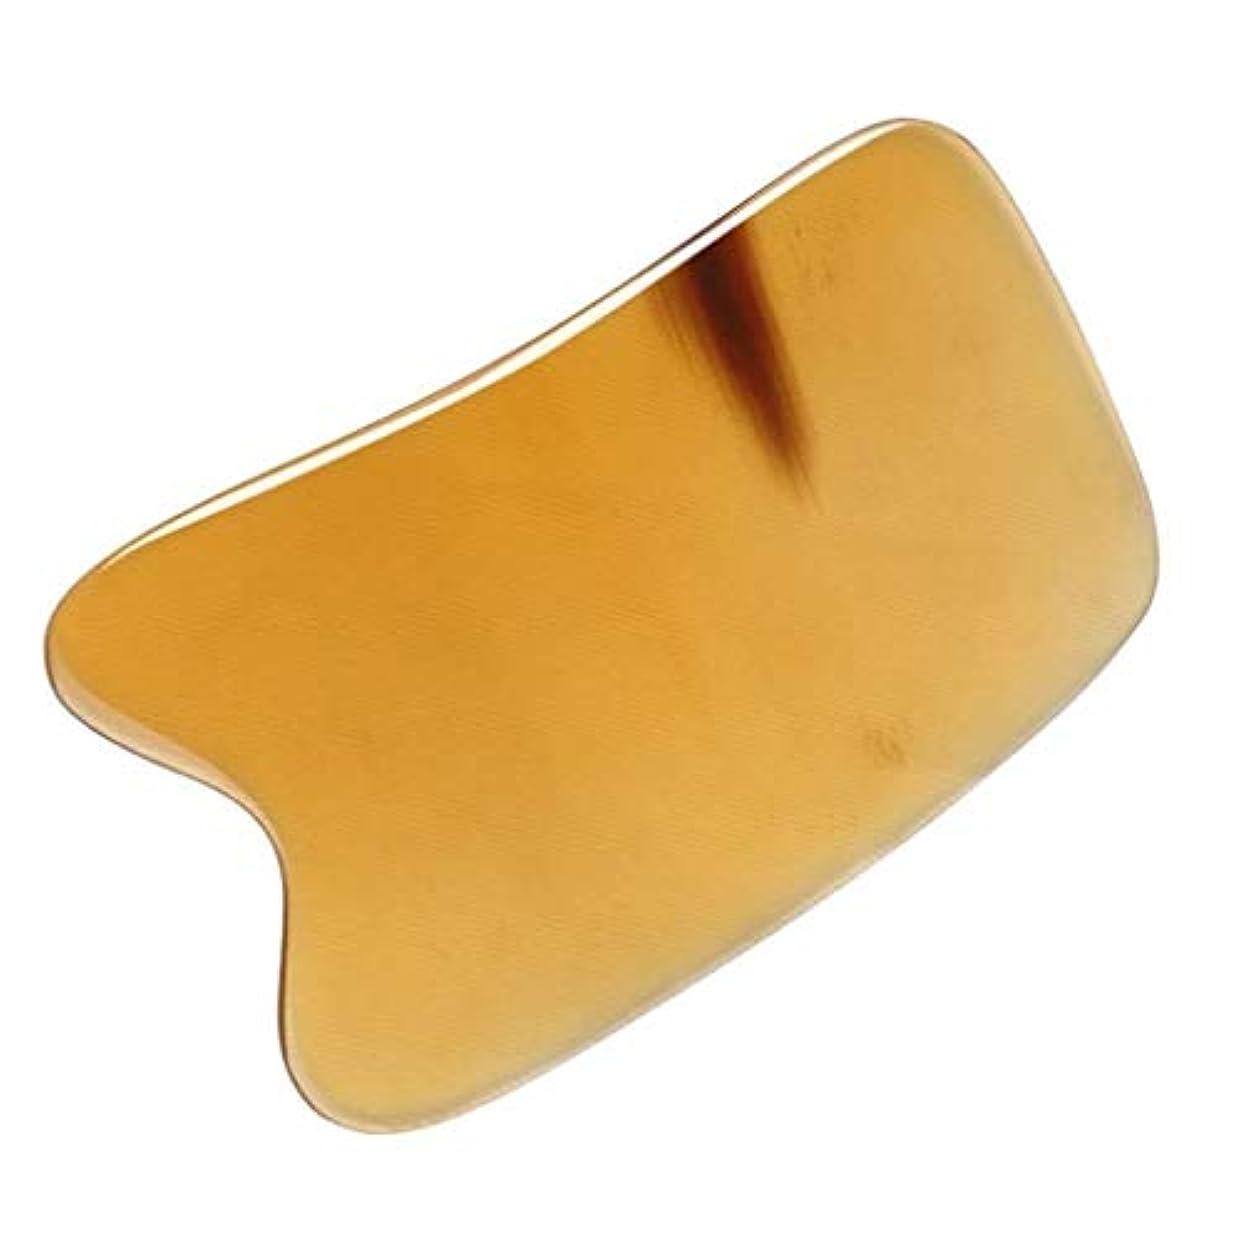 ガロン省出身地IASTMグラストン理学療法ツール-最高品質のハンドメイドバッファローホーングアシャボード-首と筋肉の痛みを軽減 (Size : 5mm)